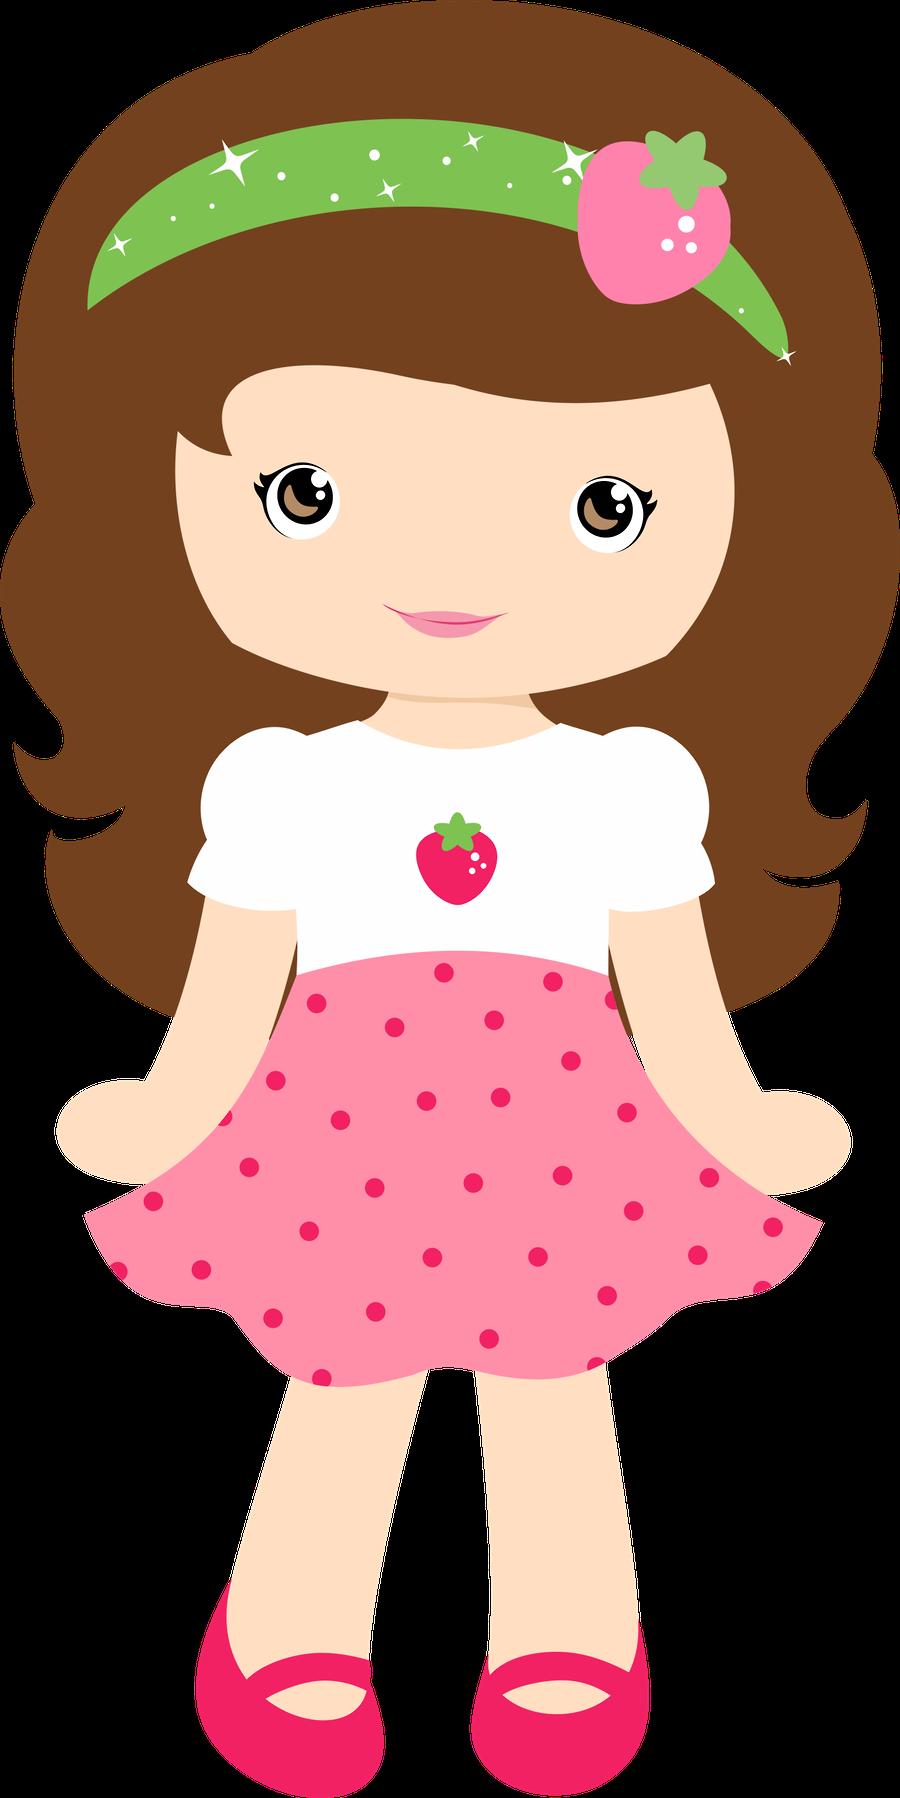 Moranguinho - Clipart Strawberry Shortcake